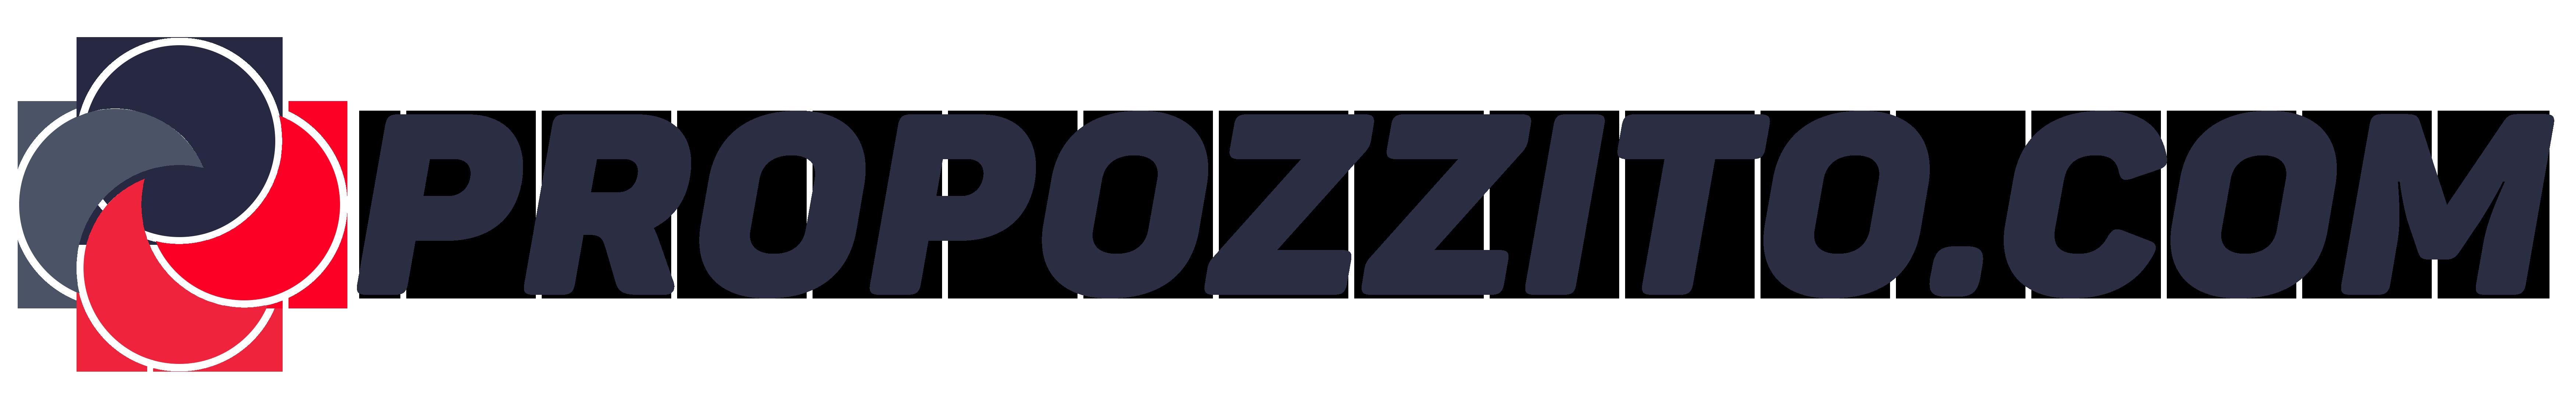 Propozzito.com